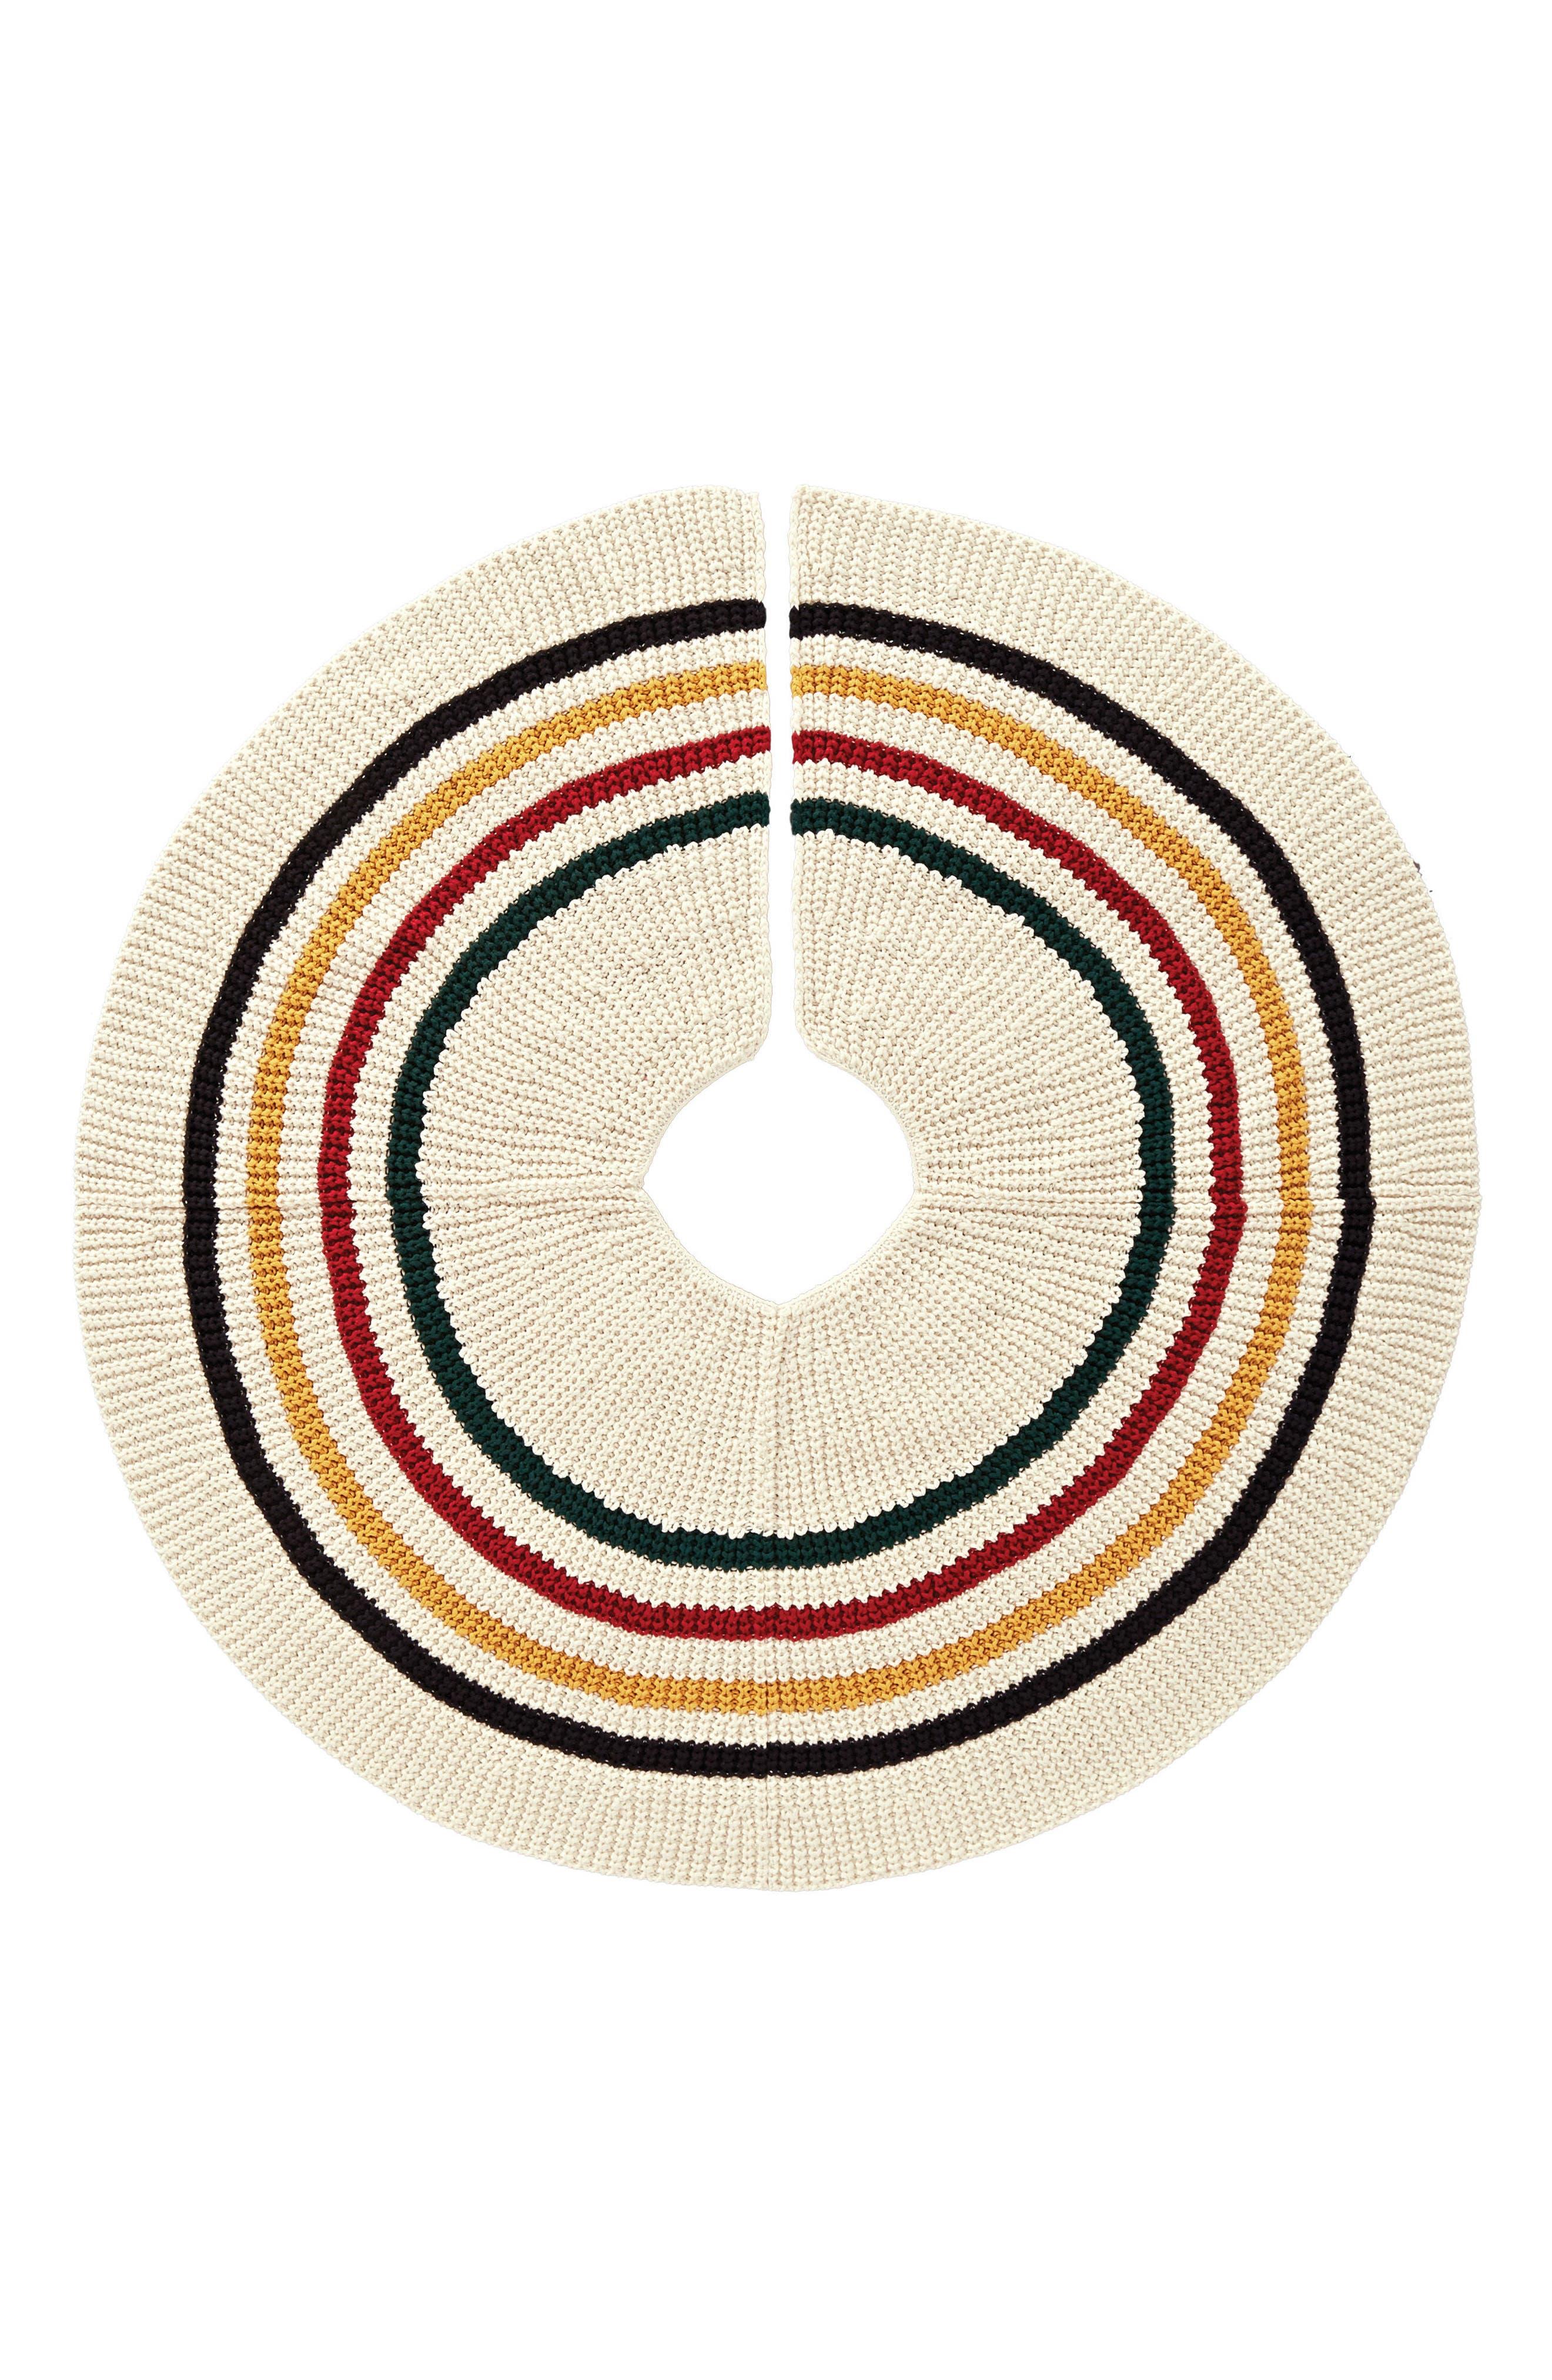 Pendleton Glacier Park Knit Tree Skirt